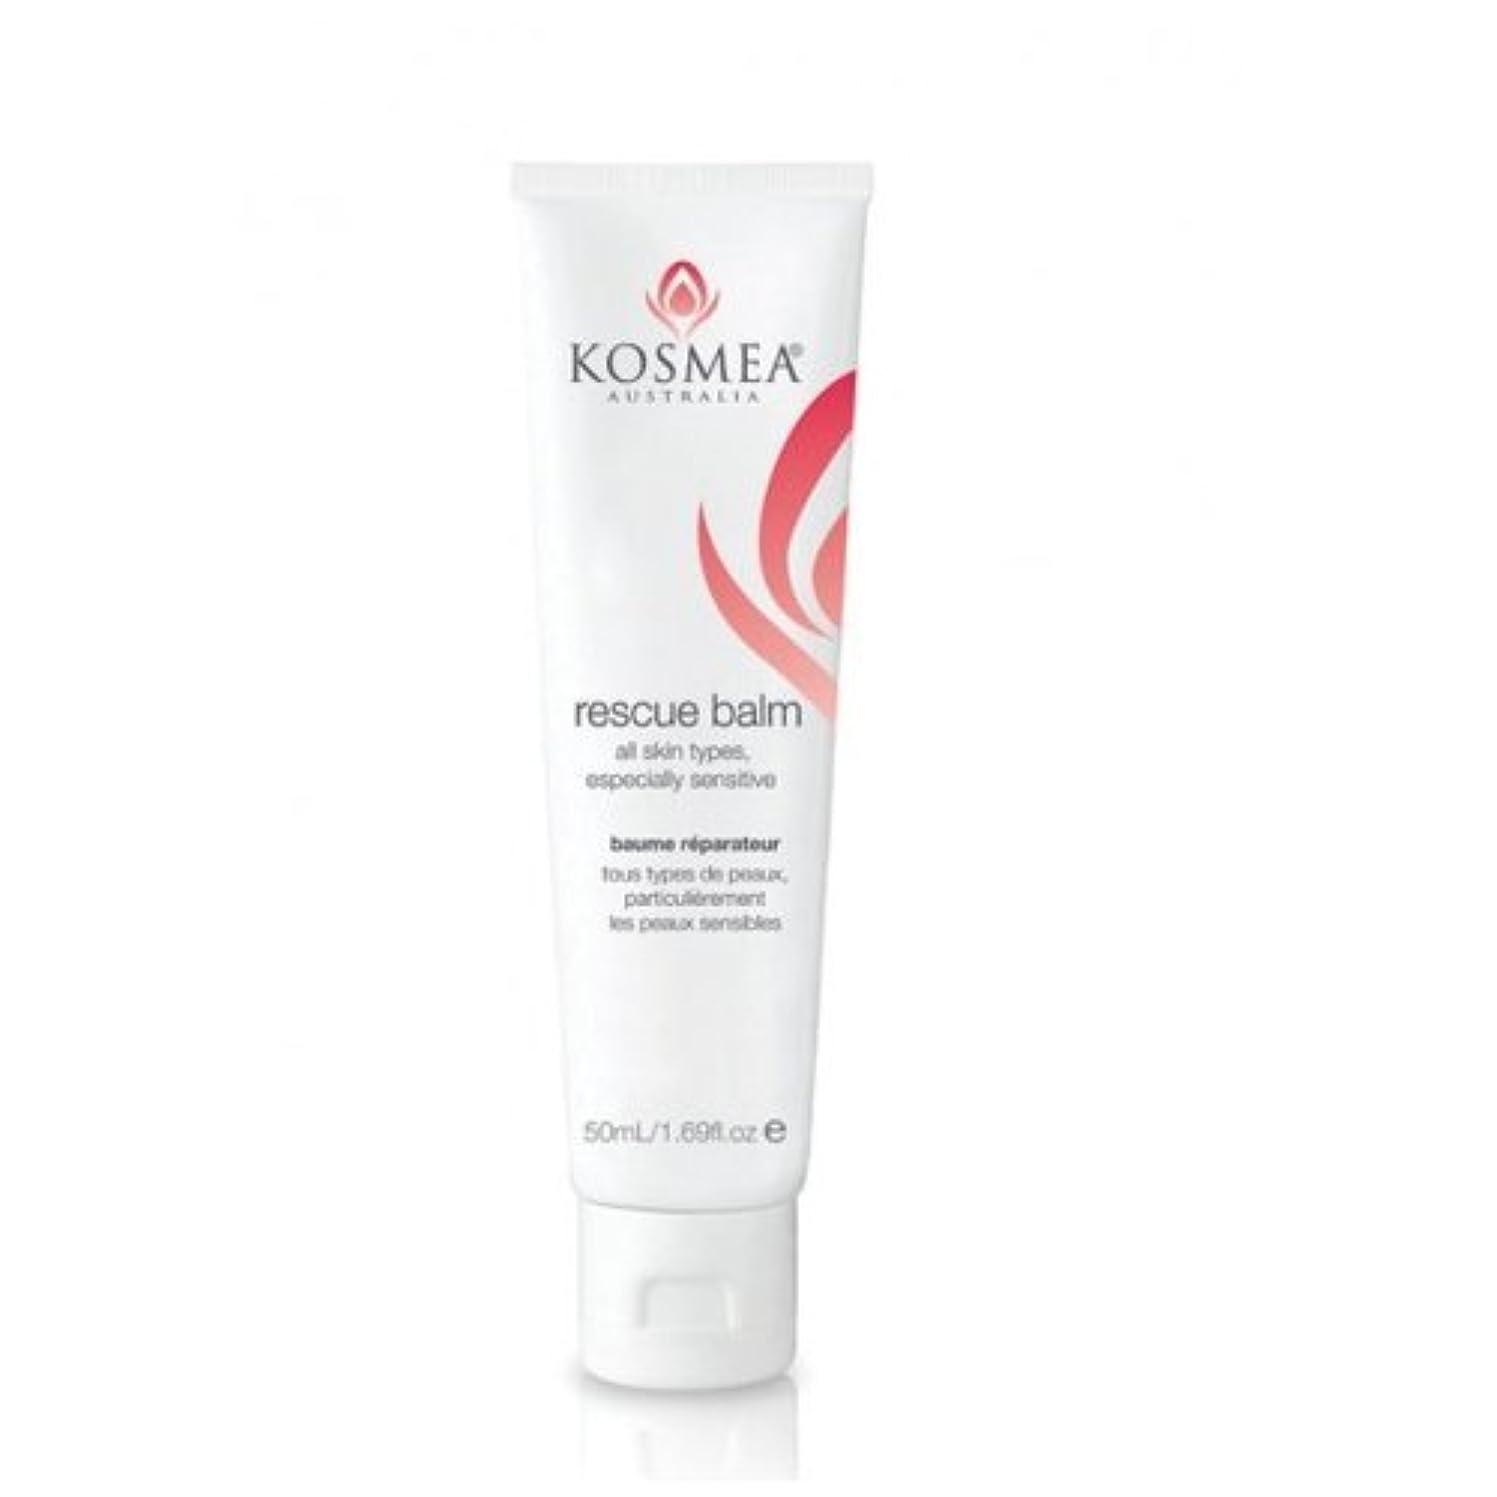 導出強化観光に行く【KOSMEA】Skin Clinic TM Rescue Balm コスメア レスキューバーム 50ml【並行輸入品】【海外直送品】